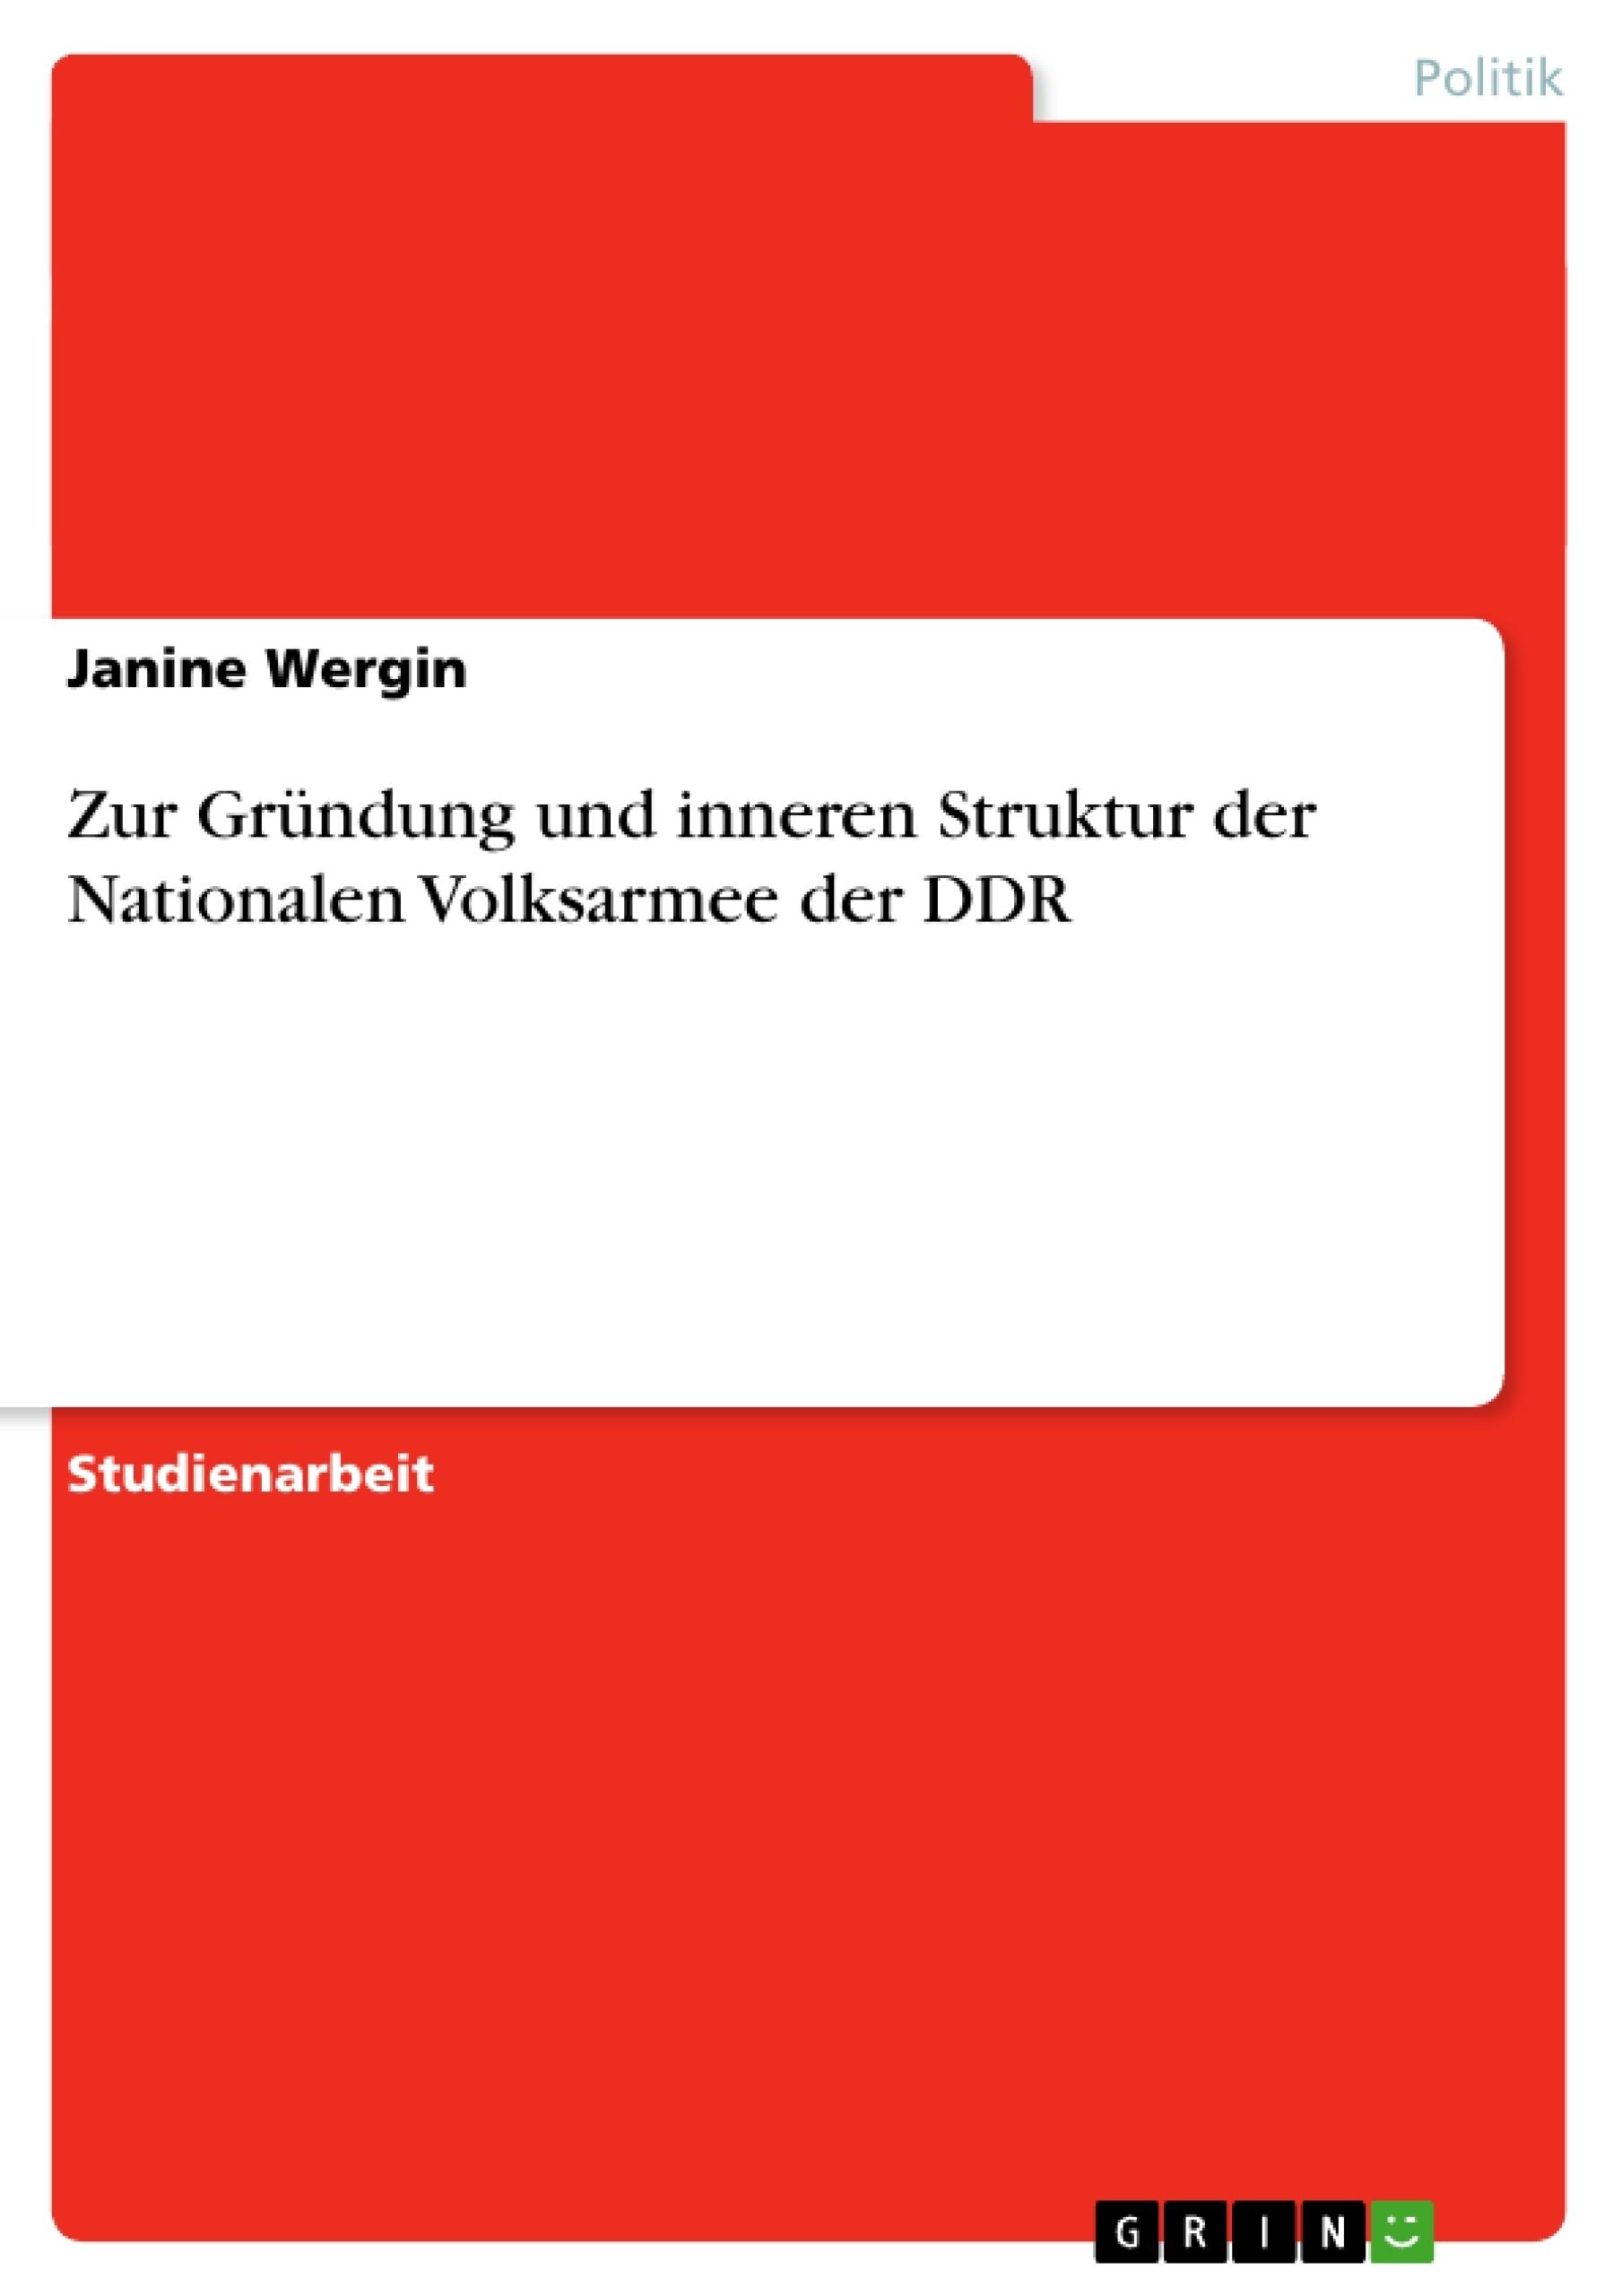 Titel: Zur Gründung und inneren Struktur der Nationalen Volksarmee der DDR